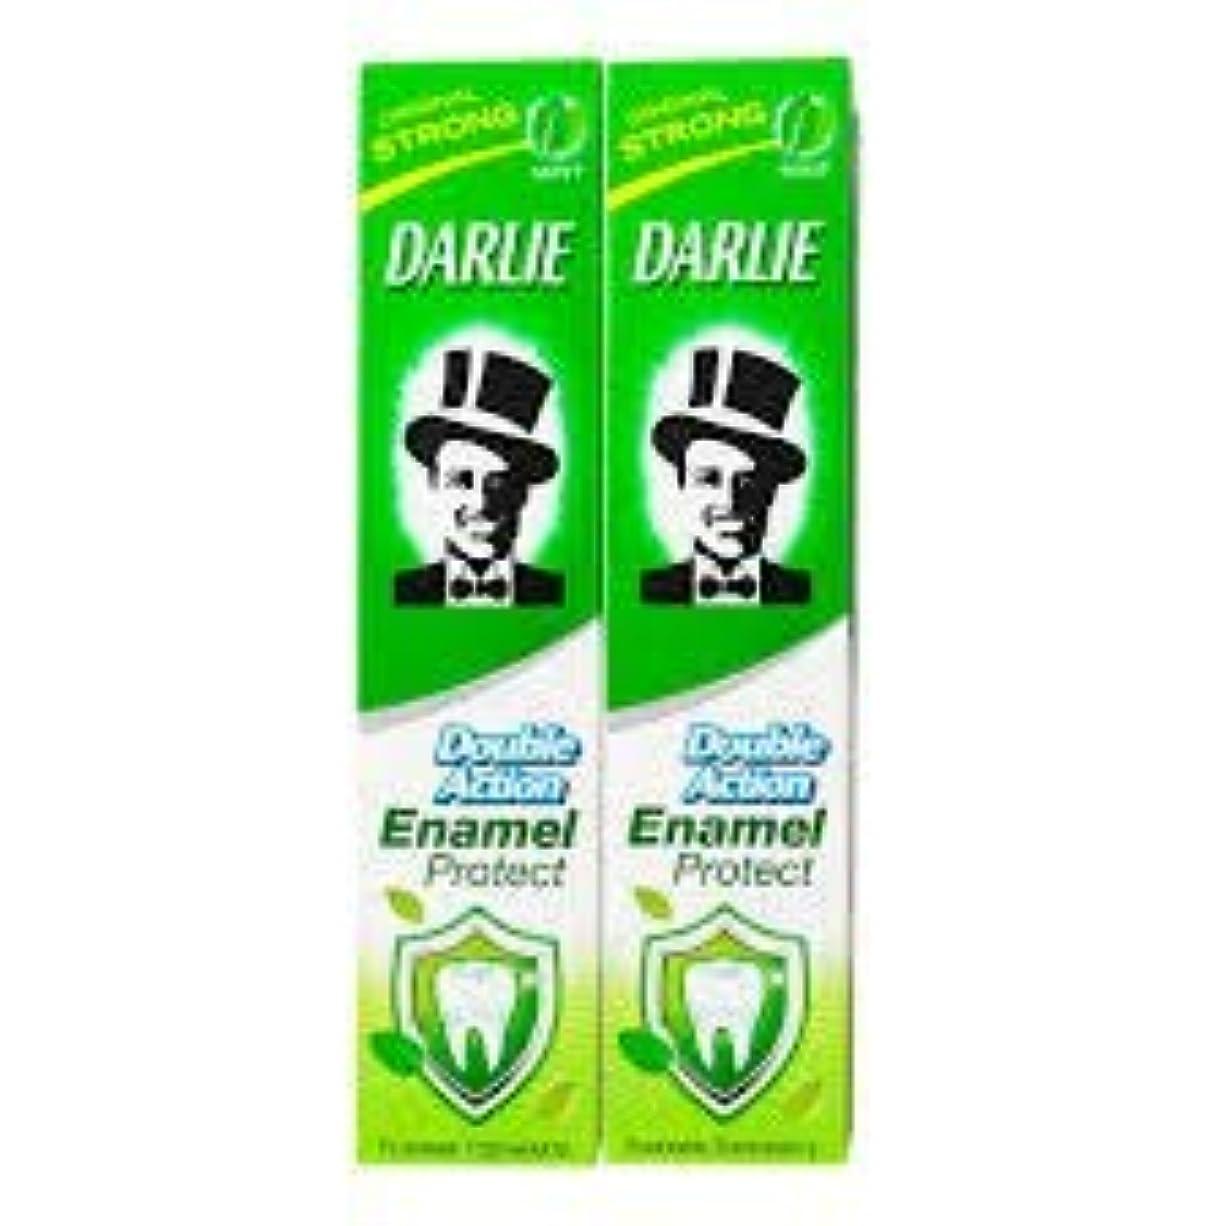 廃棄控えめな債務DARLIE 歯磨き粉歯磨き粉二重の役割、保護エナメル強いミント2×220ケ - あなたの歯を強化し、防御の最前線